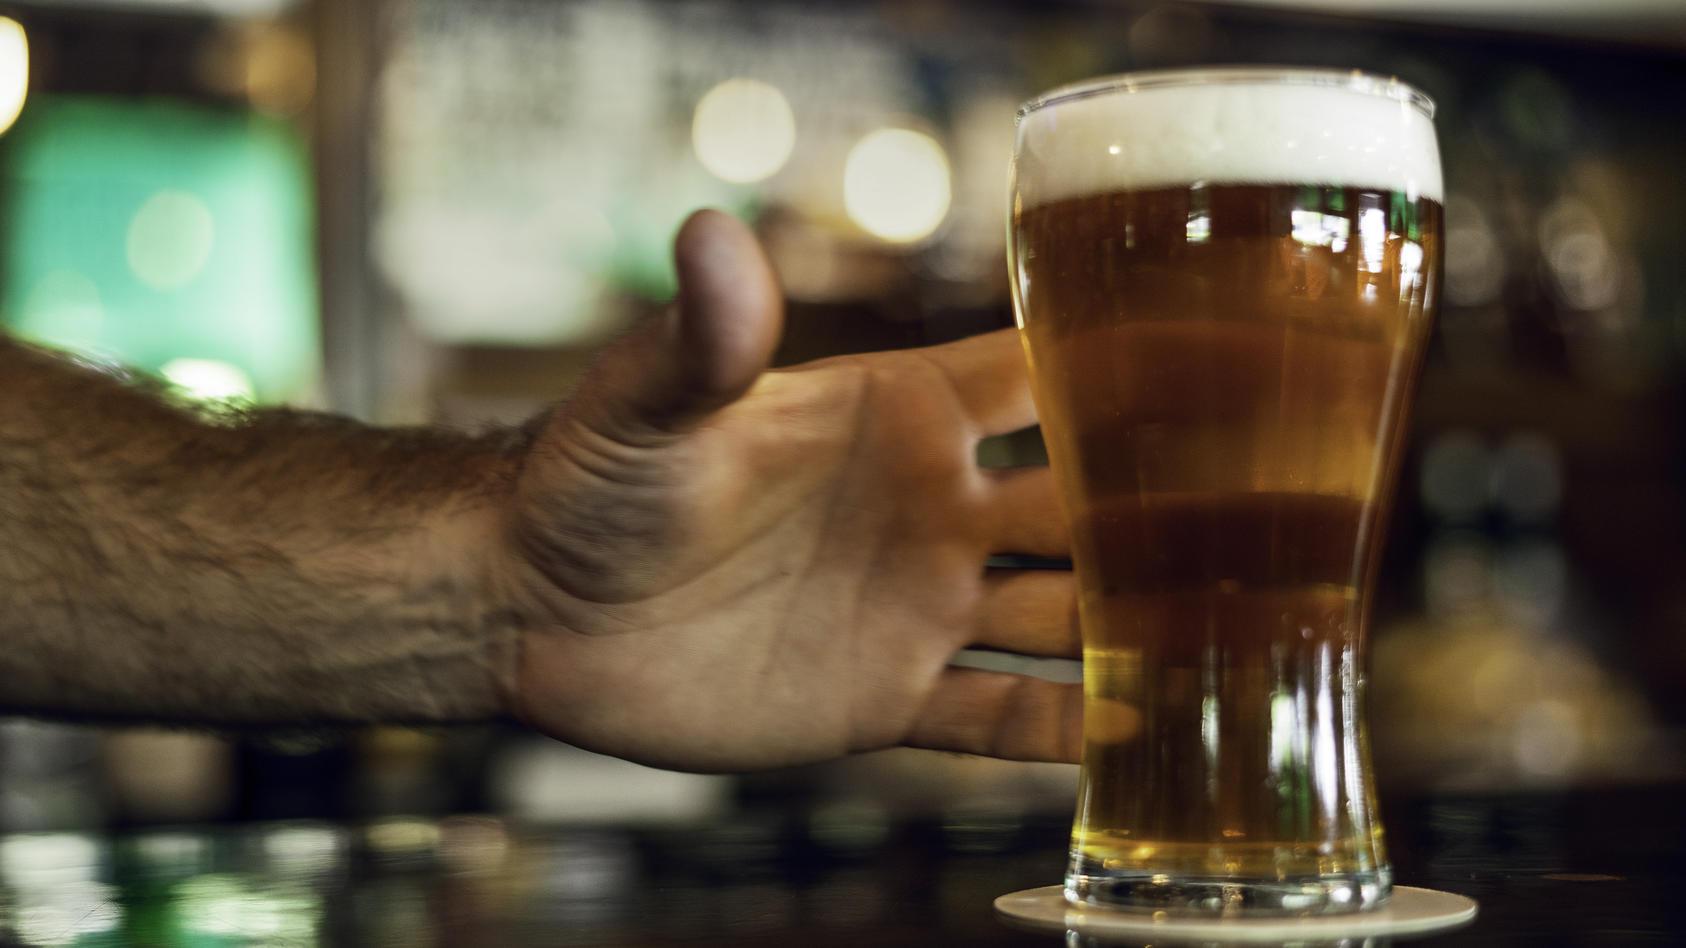 Ein betrunkener Lehrer soll Schüler belästigt haben.